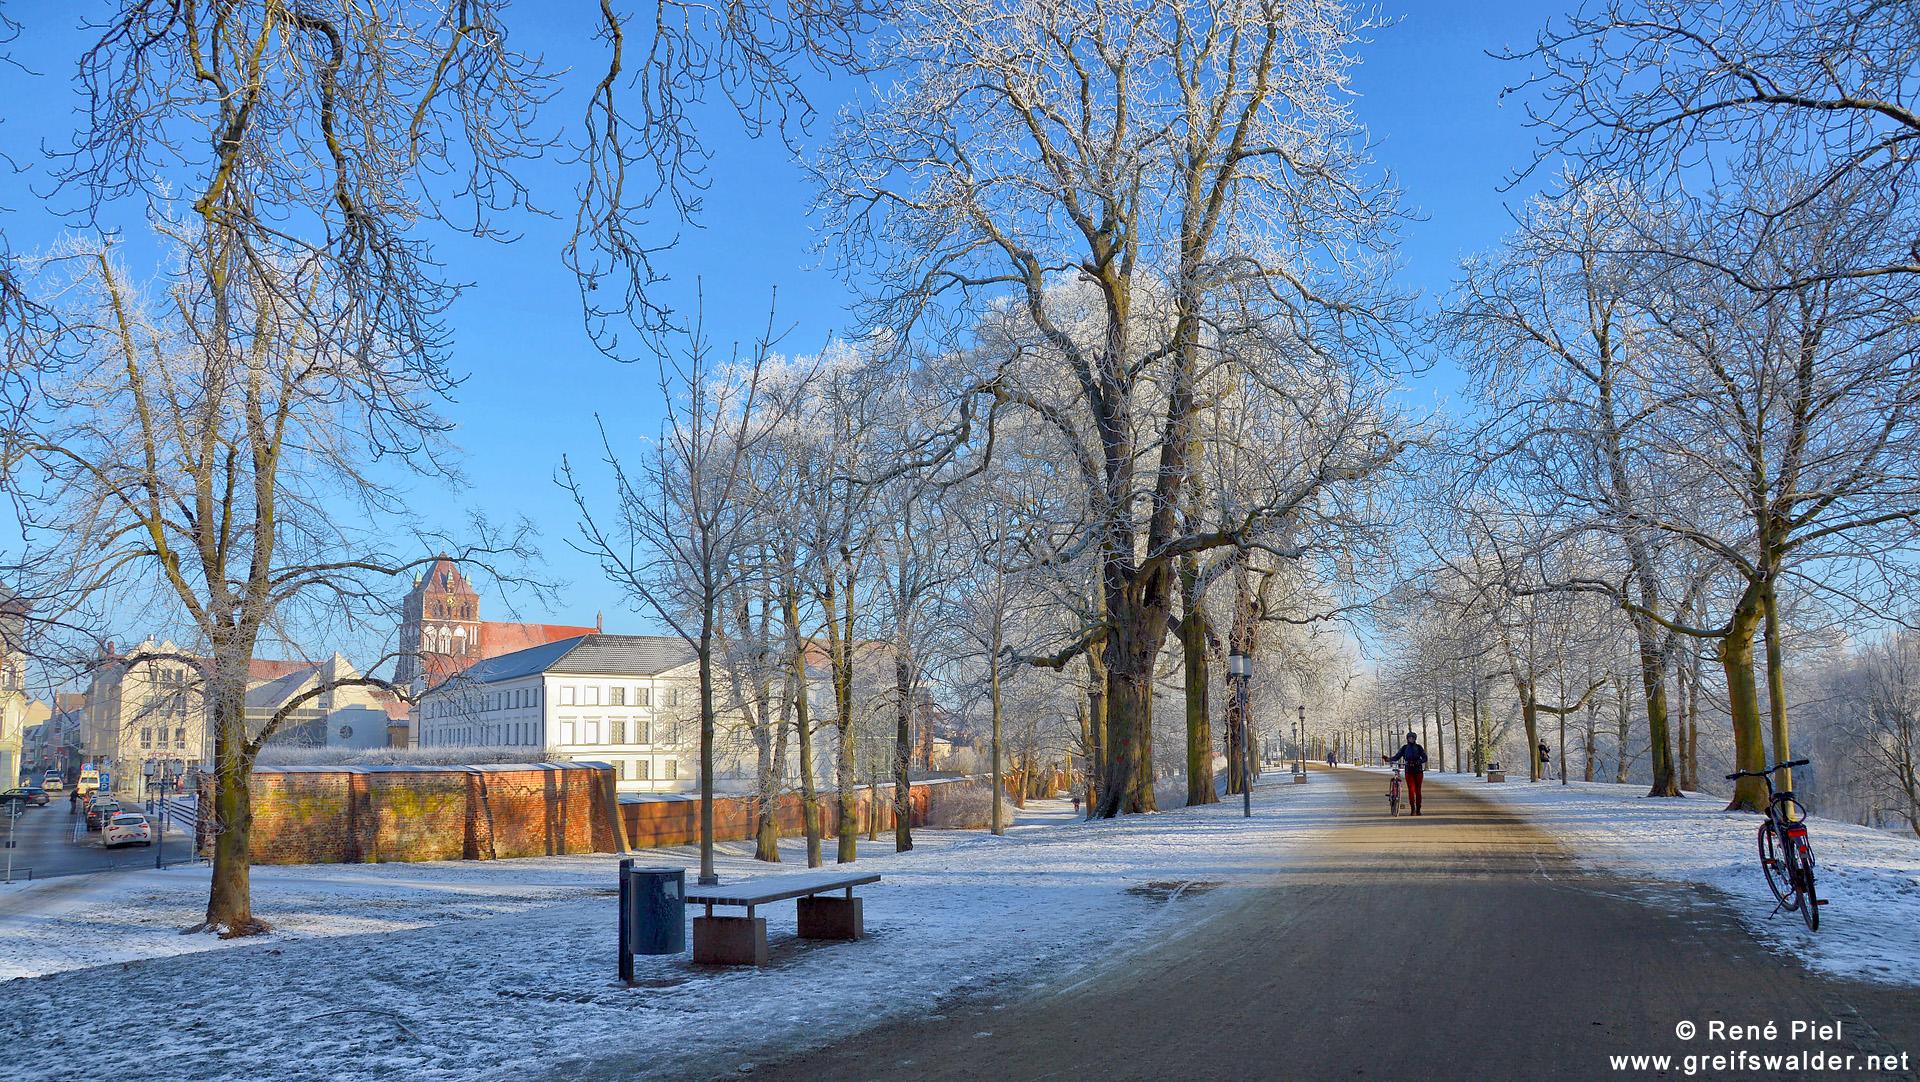 Winterstimmung auf dem Wall in Greifswald